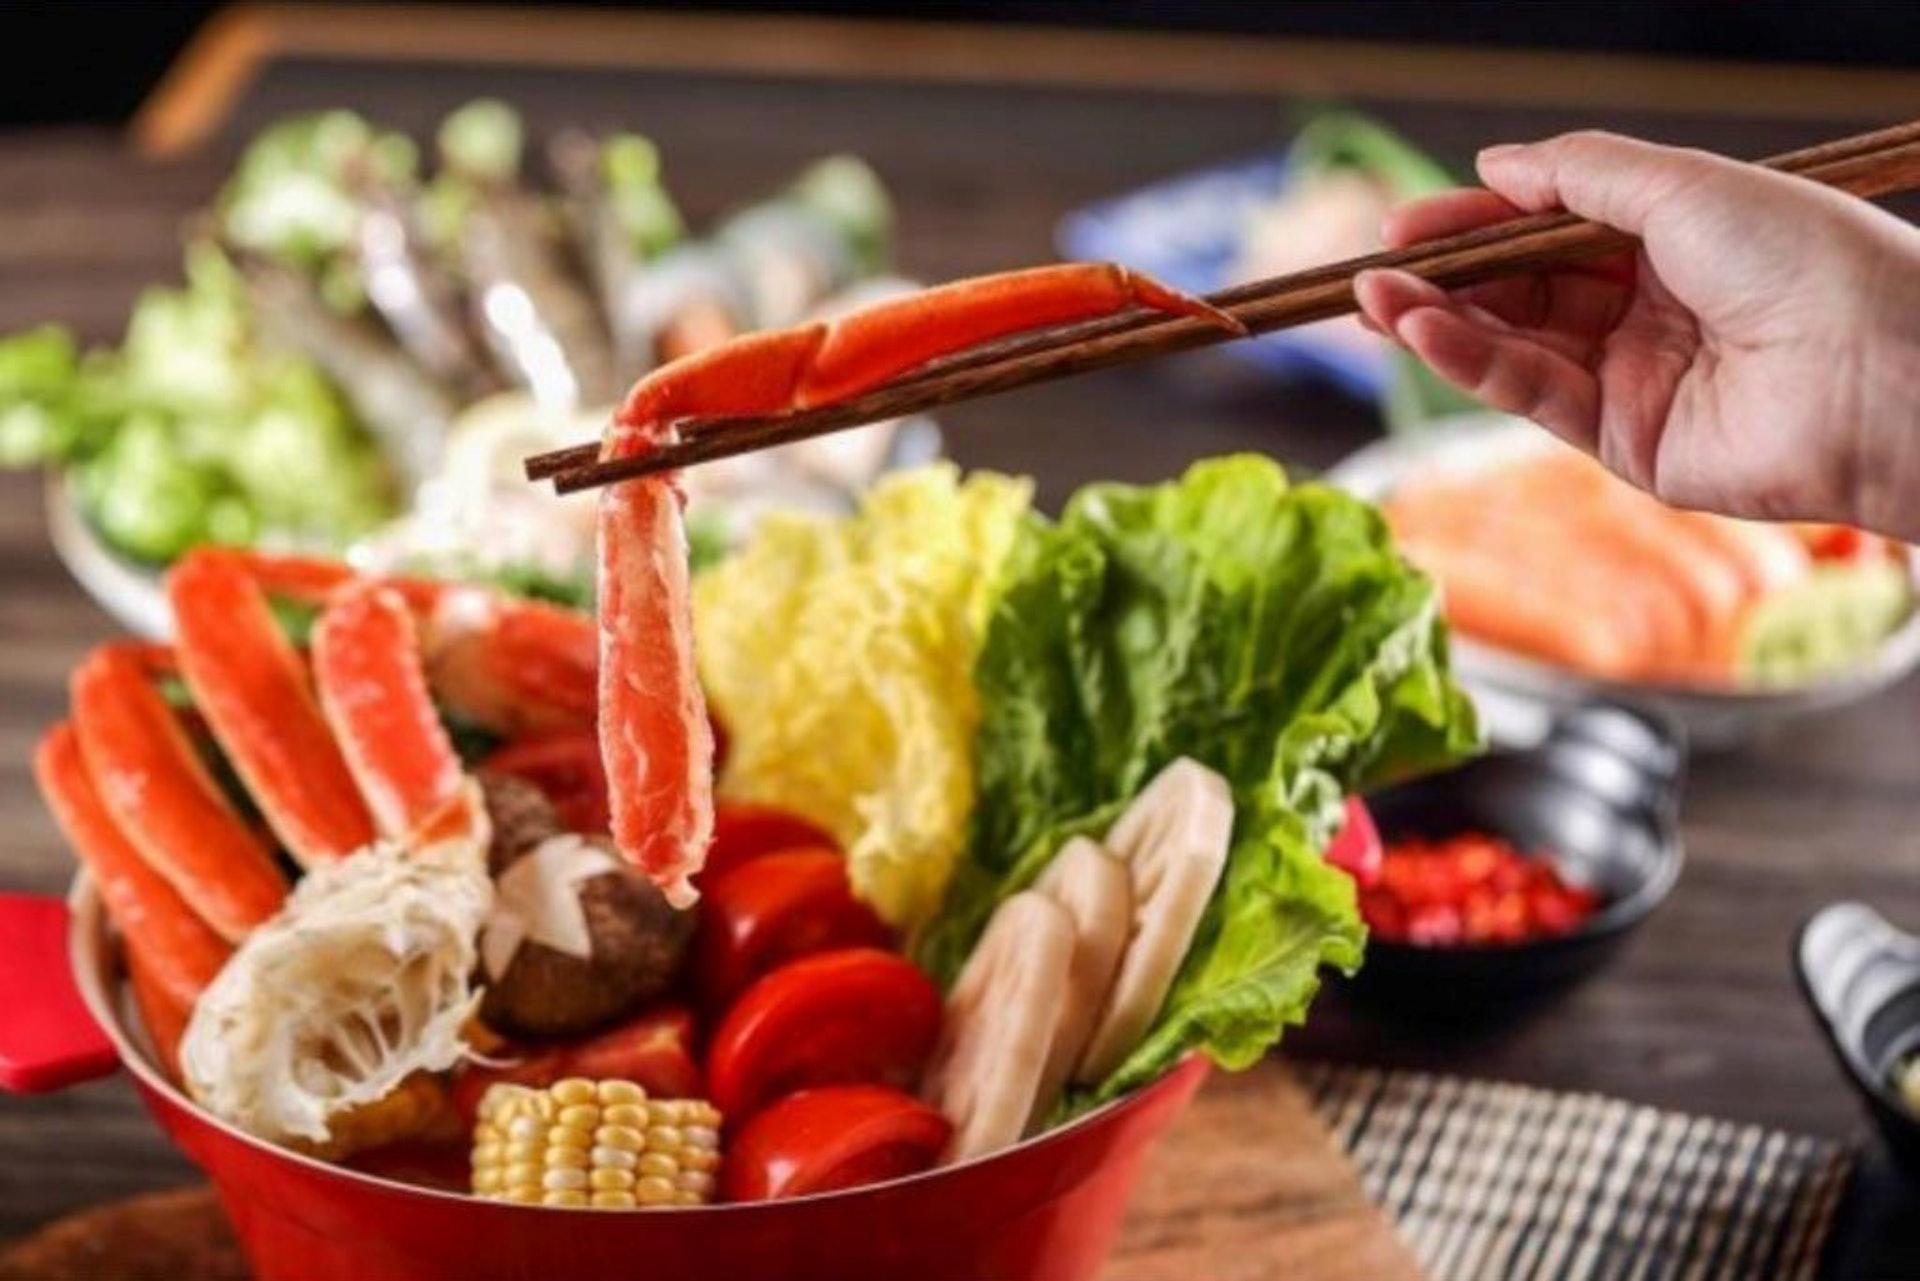 晚市涮涮鍋放題188元起一位,有美國牛肩肉、牛小排、澳洲和牛等選擇。(牛気FB圖片)